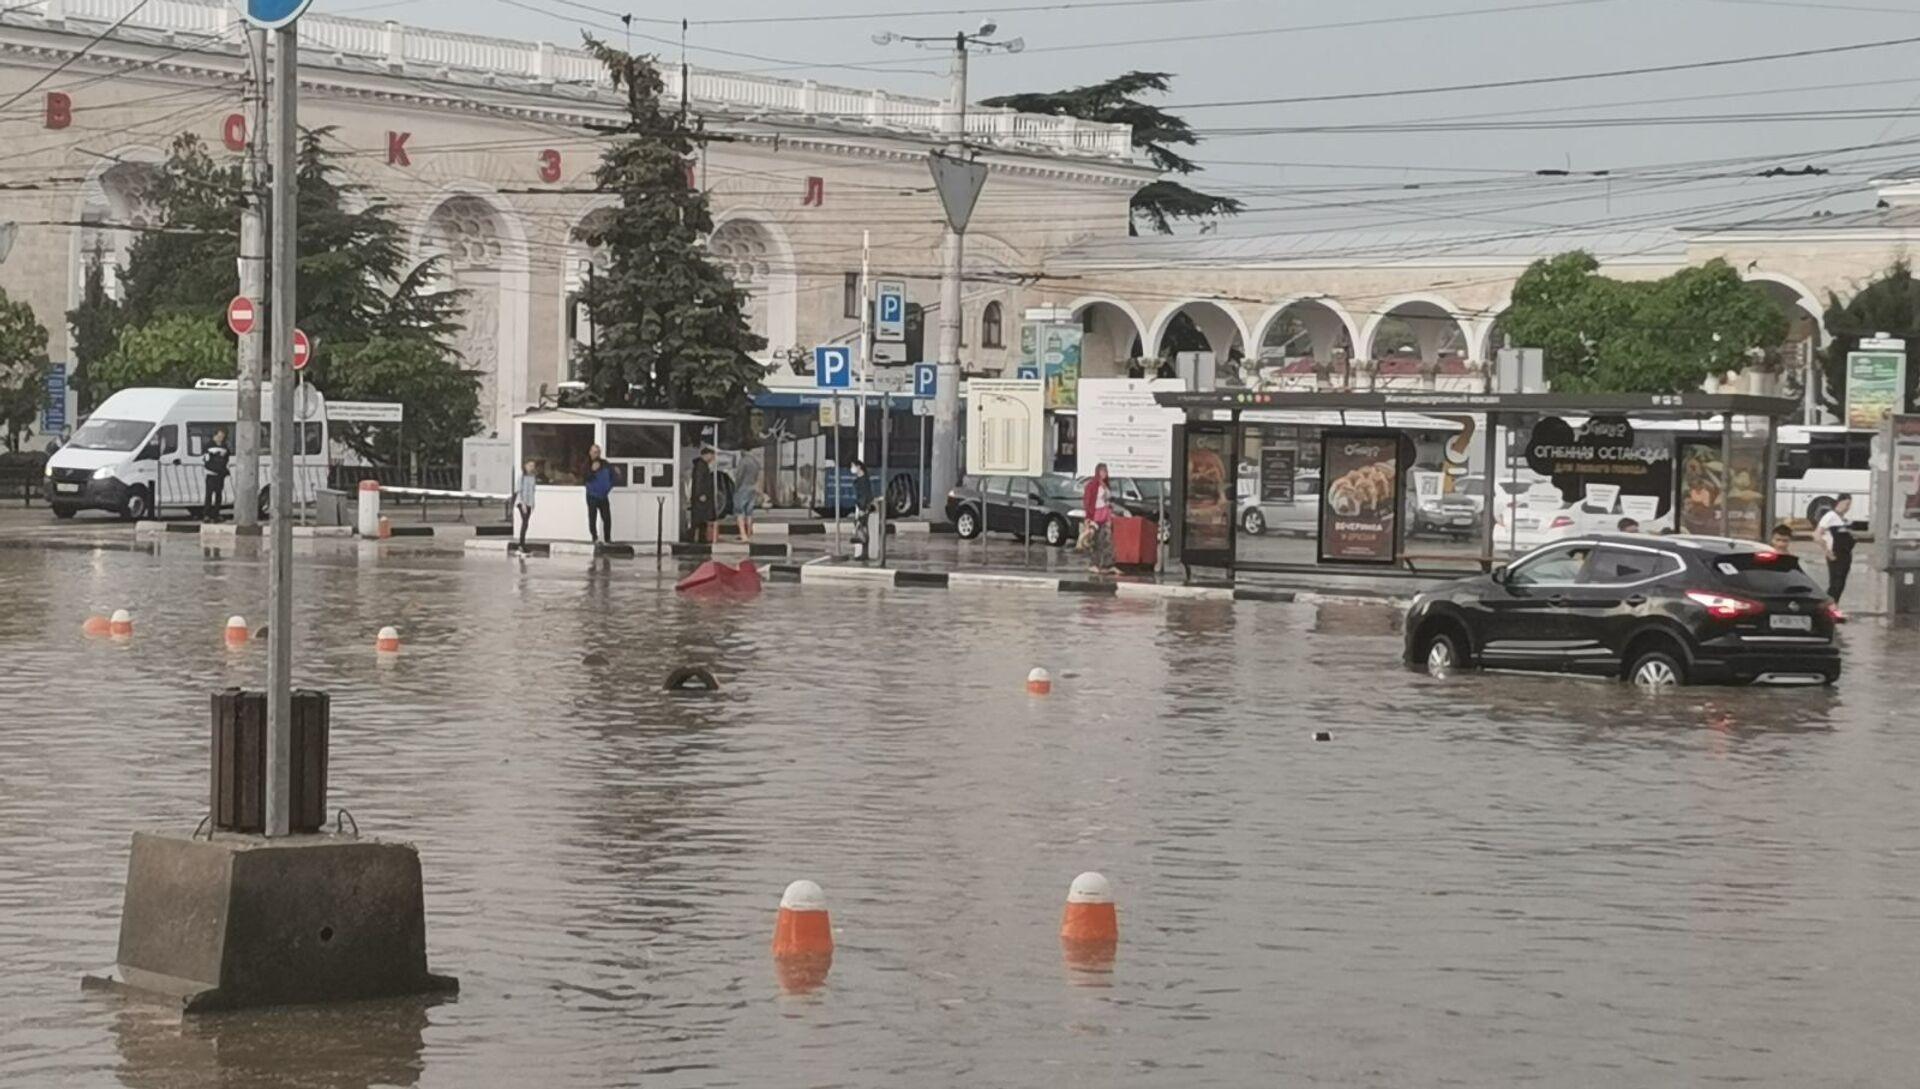 Такое происходит на привокзальной площади Симферополя после каждого ливня - РИА Новости, 1920, 30.05.2021